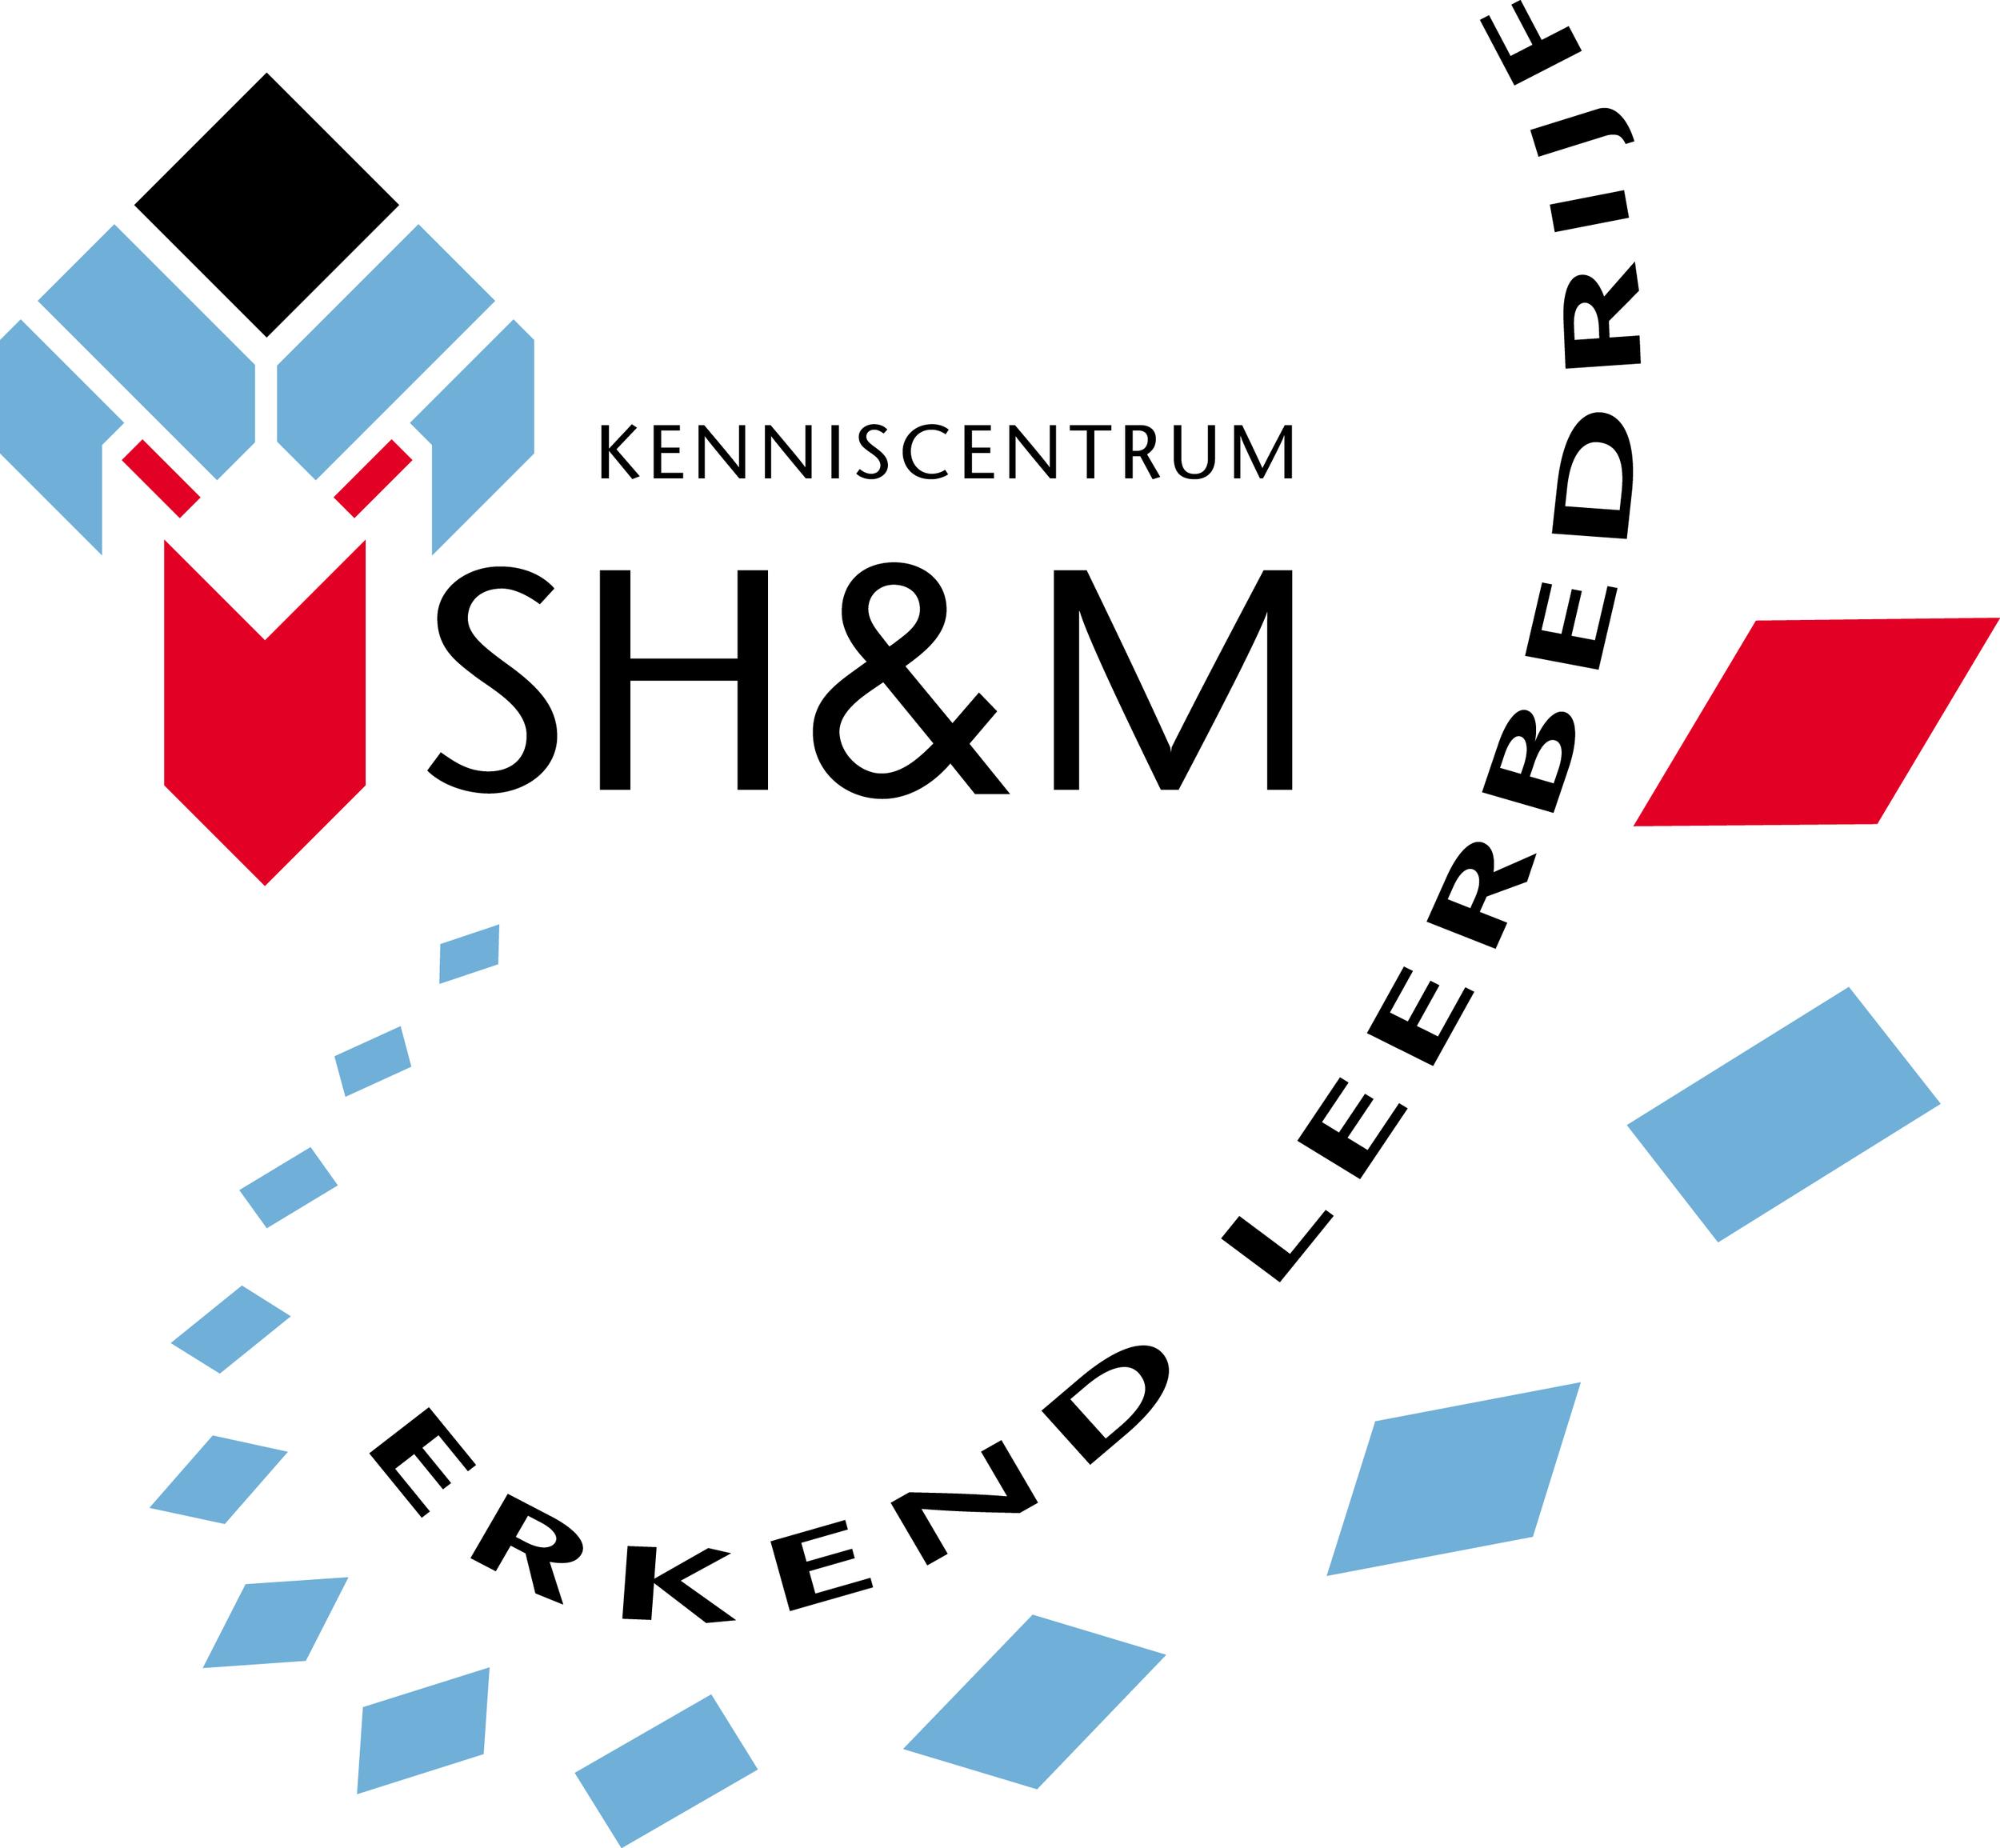 ALiDA is aangesloten bij kenniscentrumSH&M